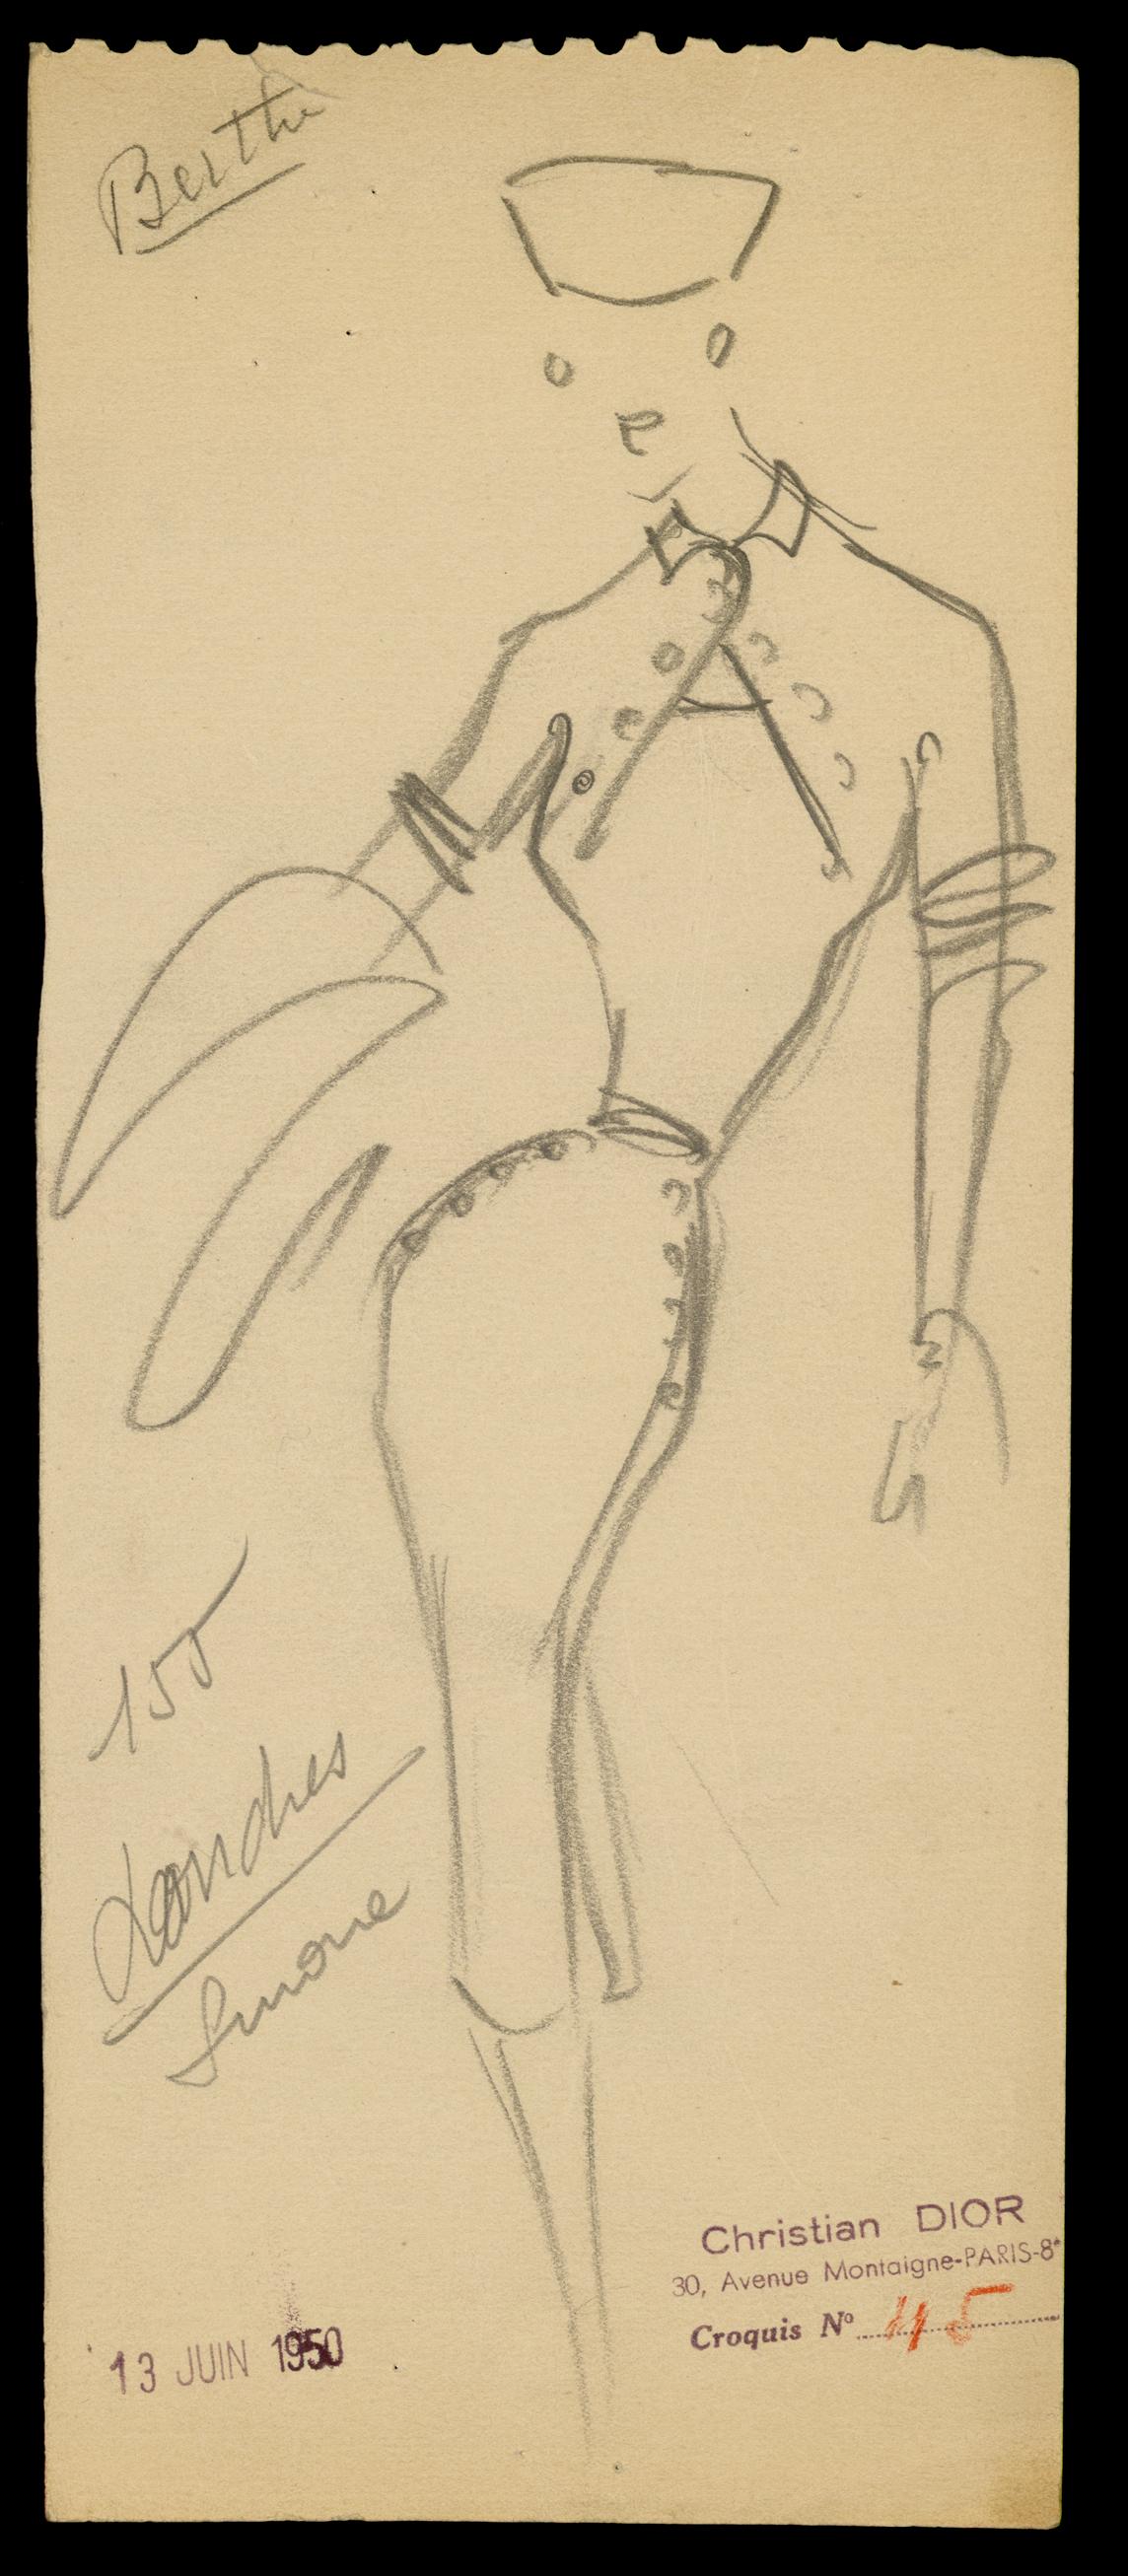 Σχέδιο για τη χειμερινή συλλογή υψηλής ραπτικής του 1950